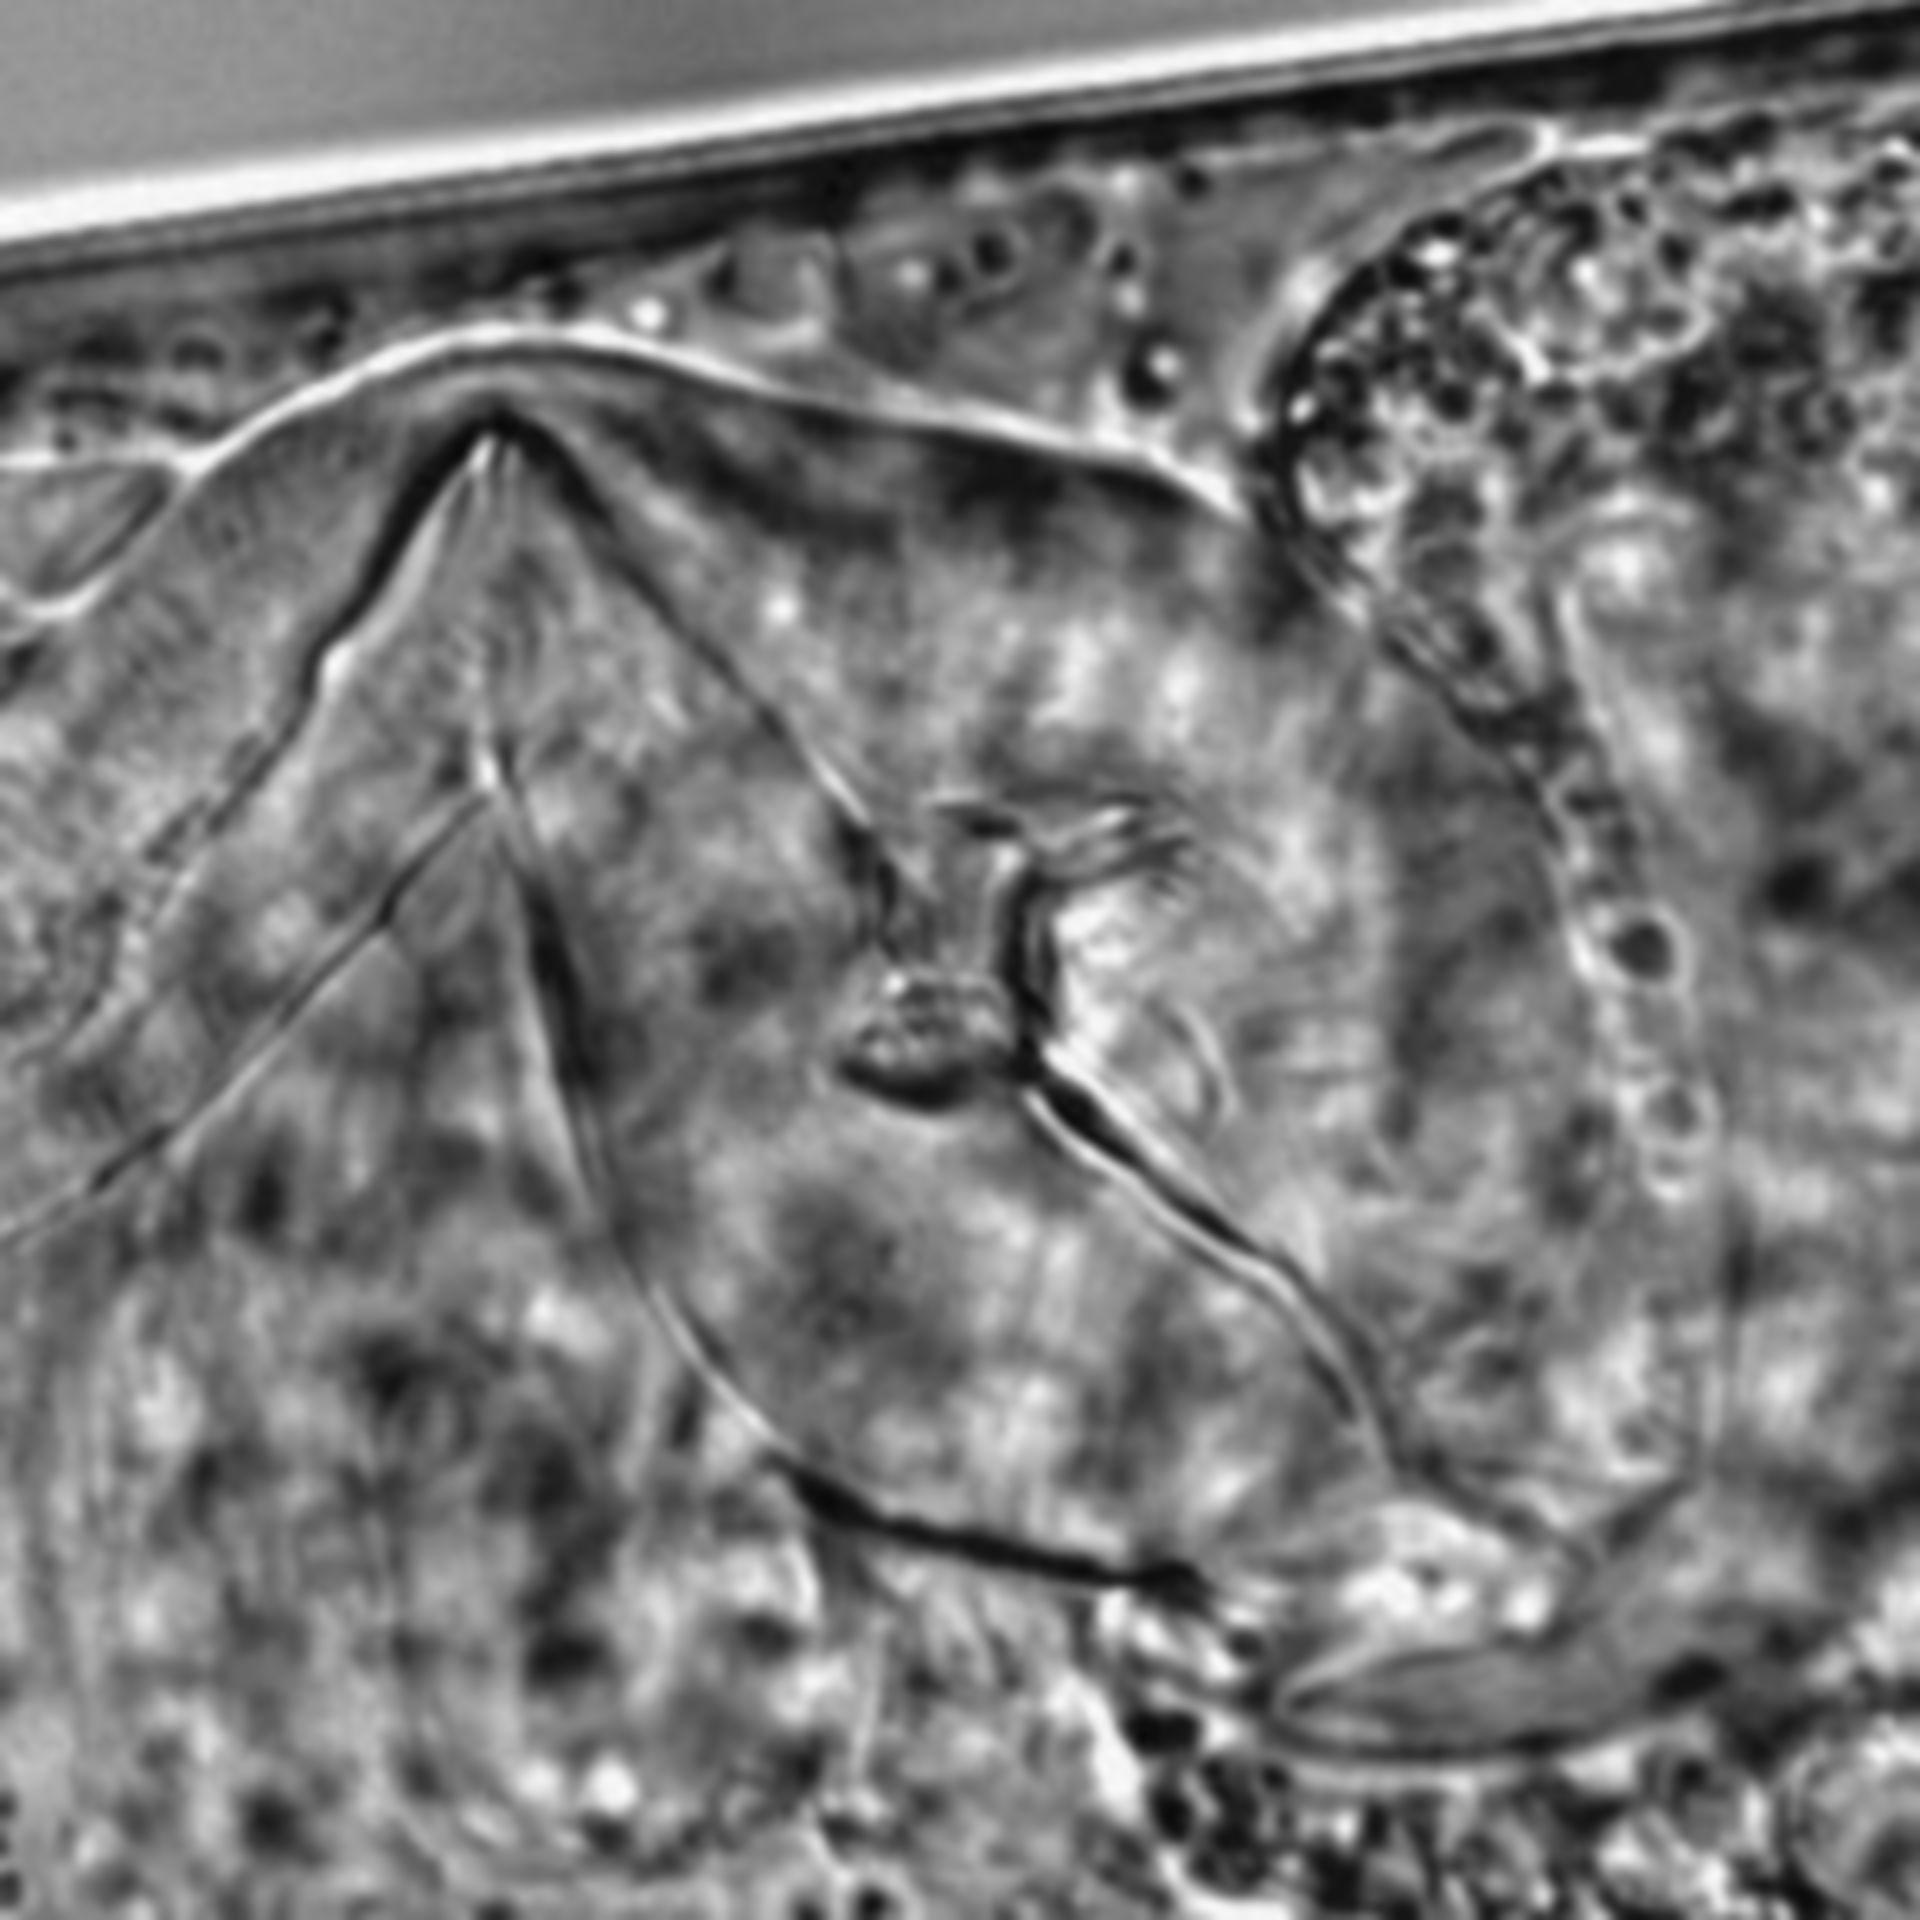 Caenorhabditis elegans - CIL:1666